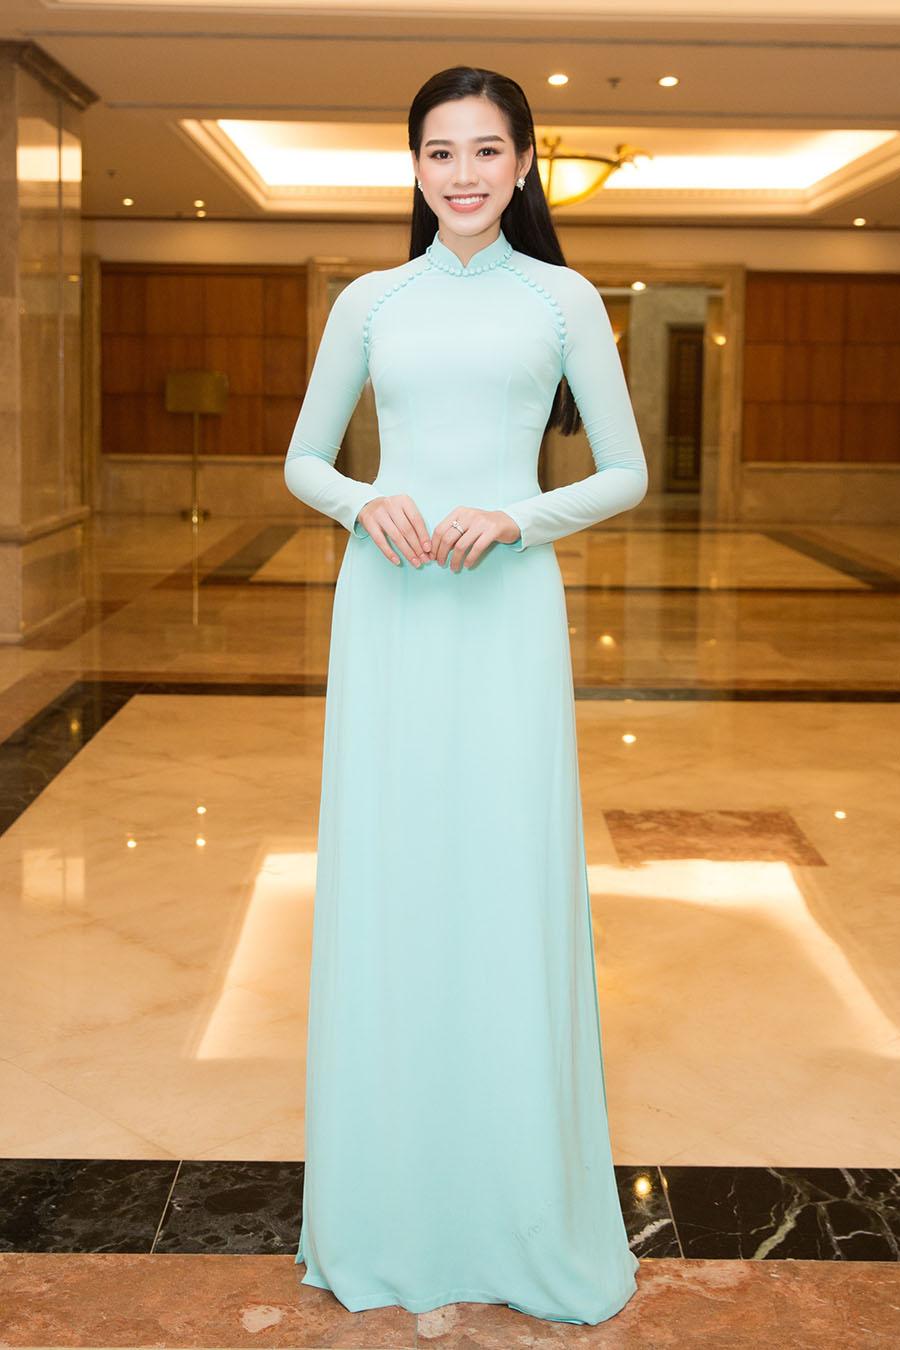 Hoa hậu Đỗ Thị Hà trở thành chủ tịch danh dự trẻ nhất CLB Suối mát từ tâm. Ảnh: Sen Vàng.